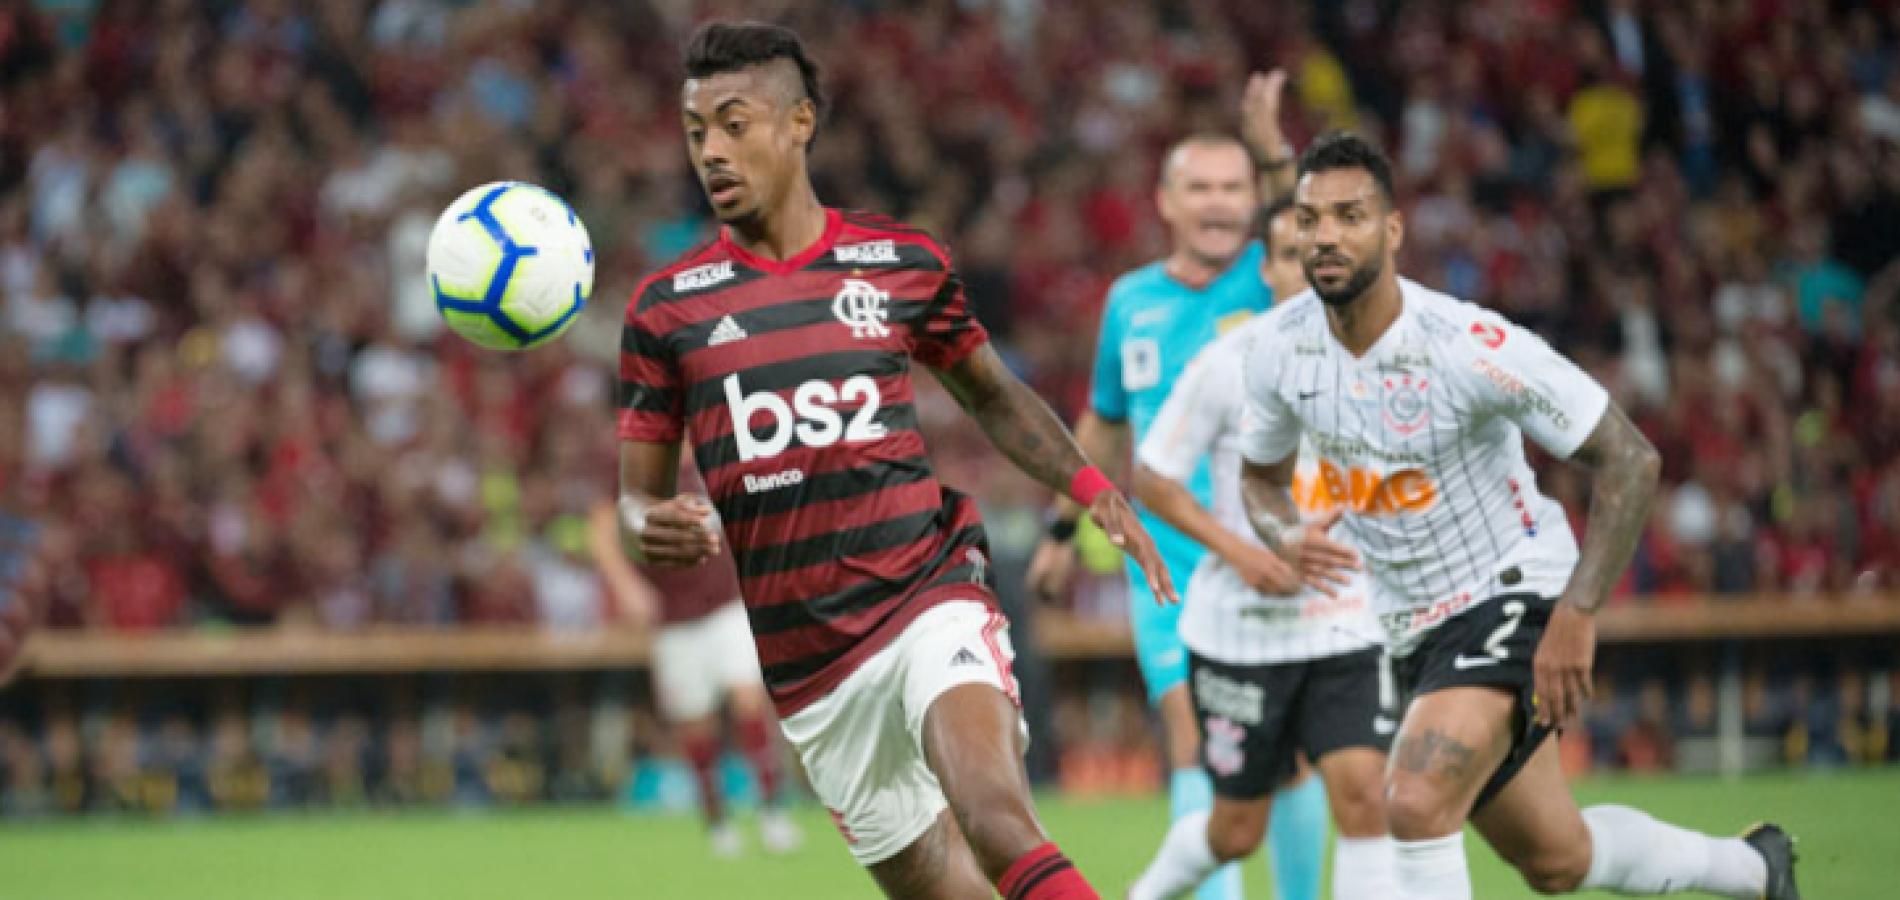 Com auxílio do VAR, Flamengo bate Corinthians de novo e avança na Copa do Brasil